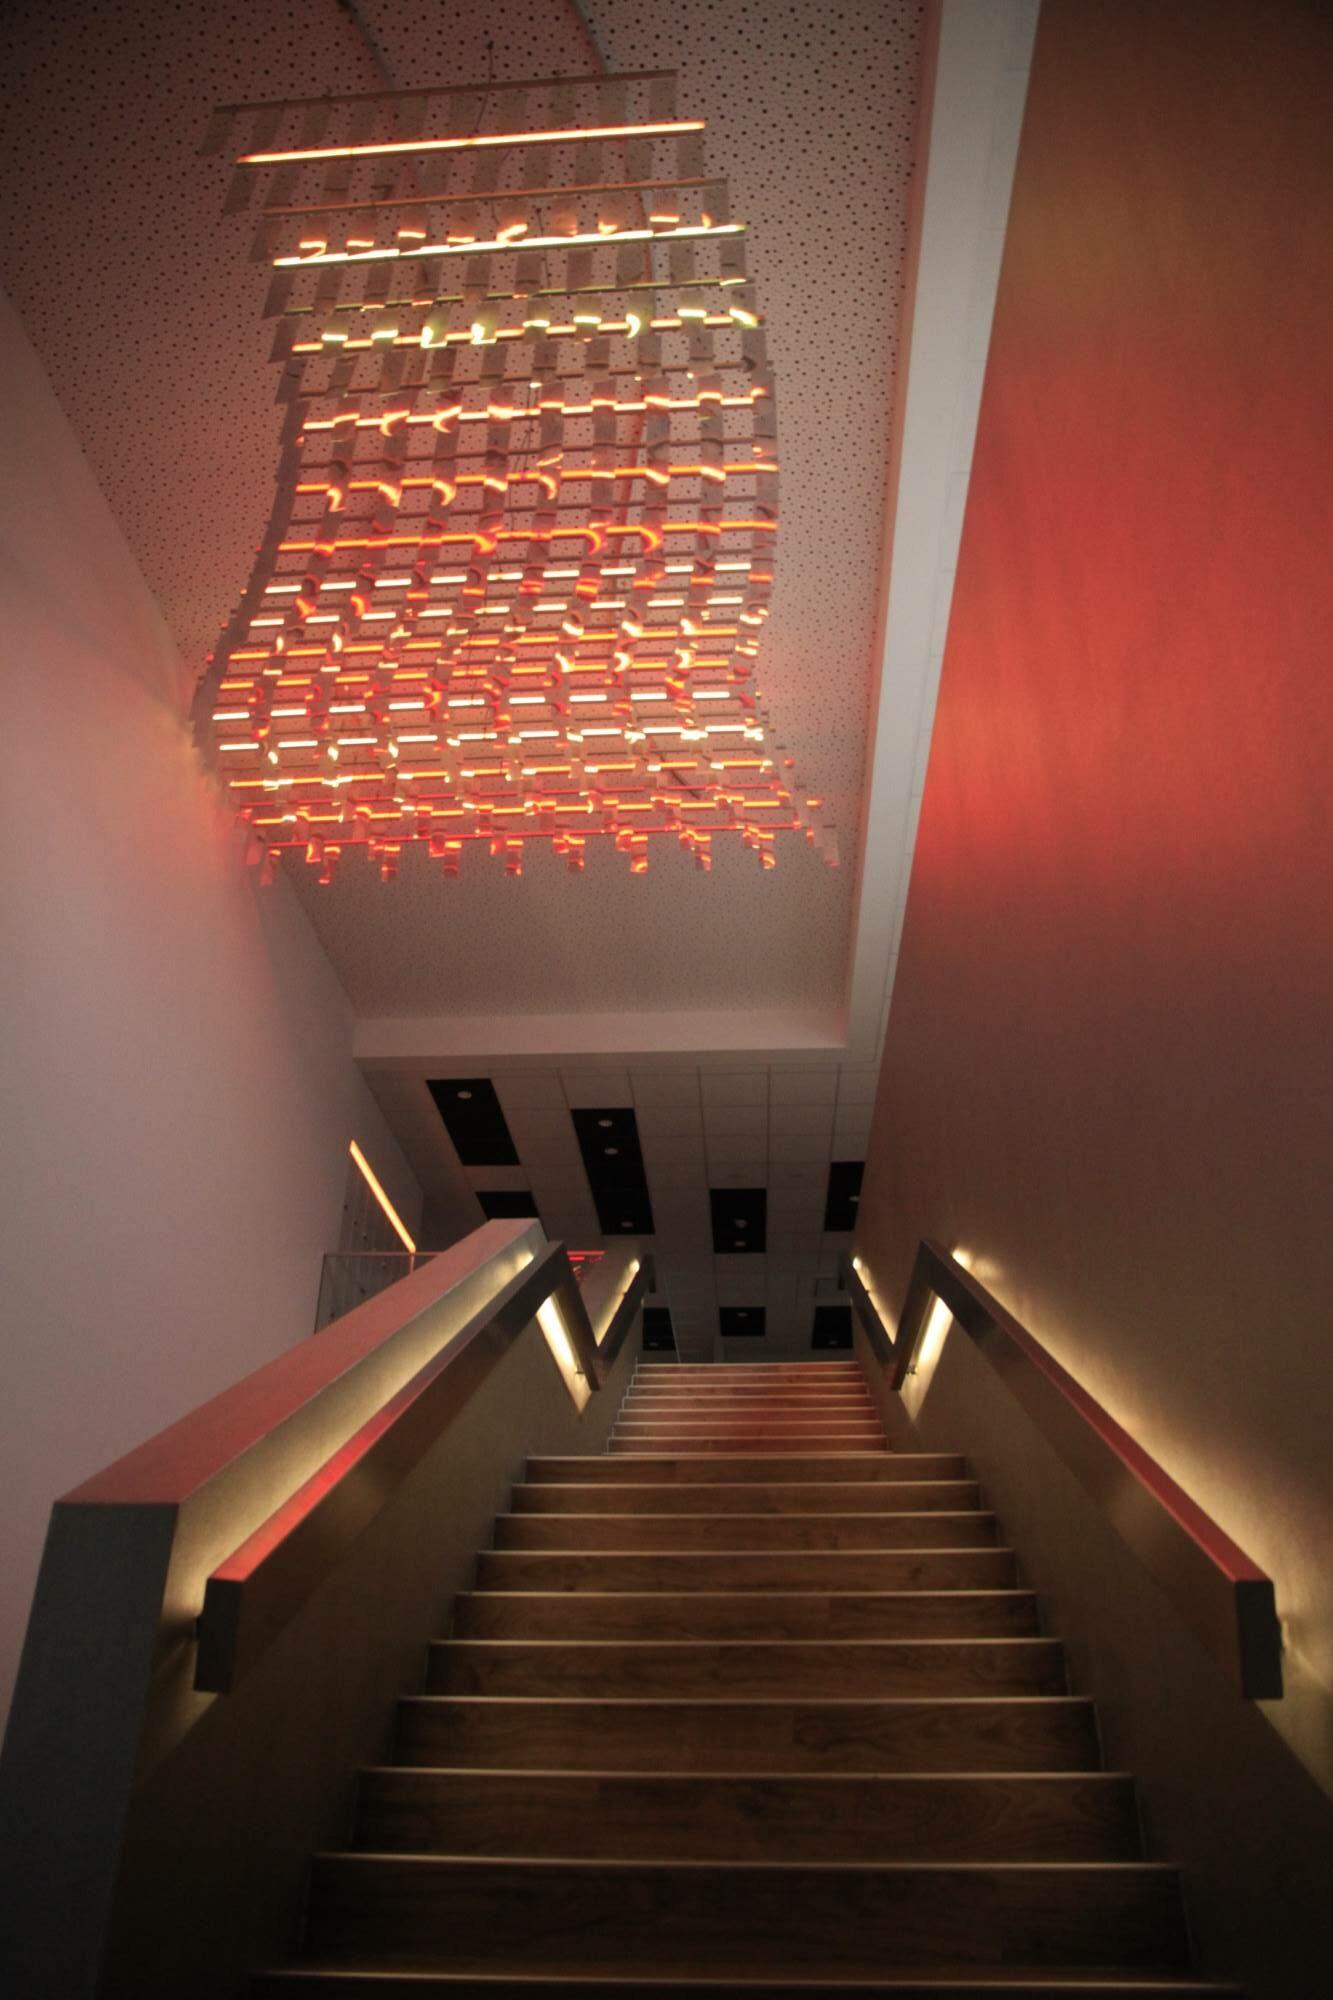 Wechselwirkung — Interaktives Lichtsegel